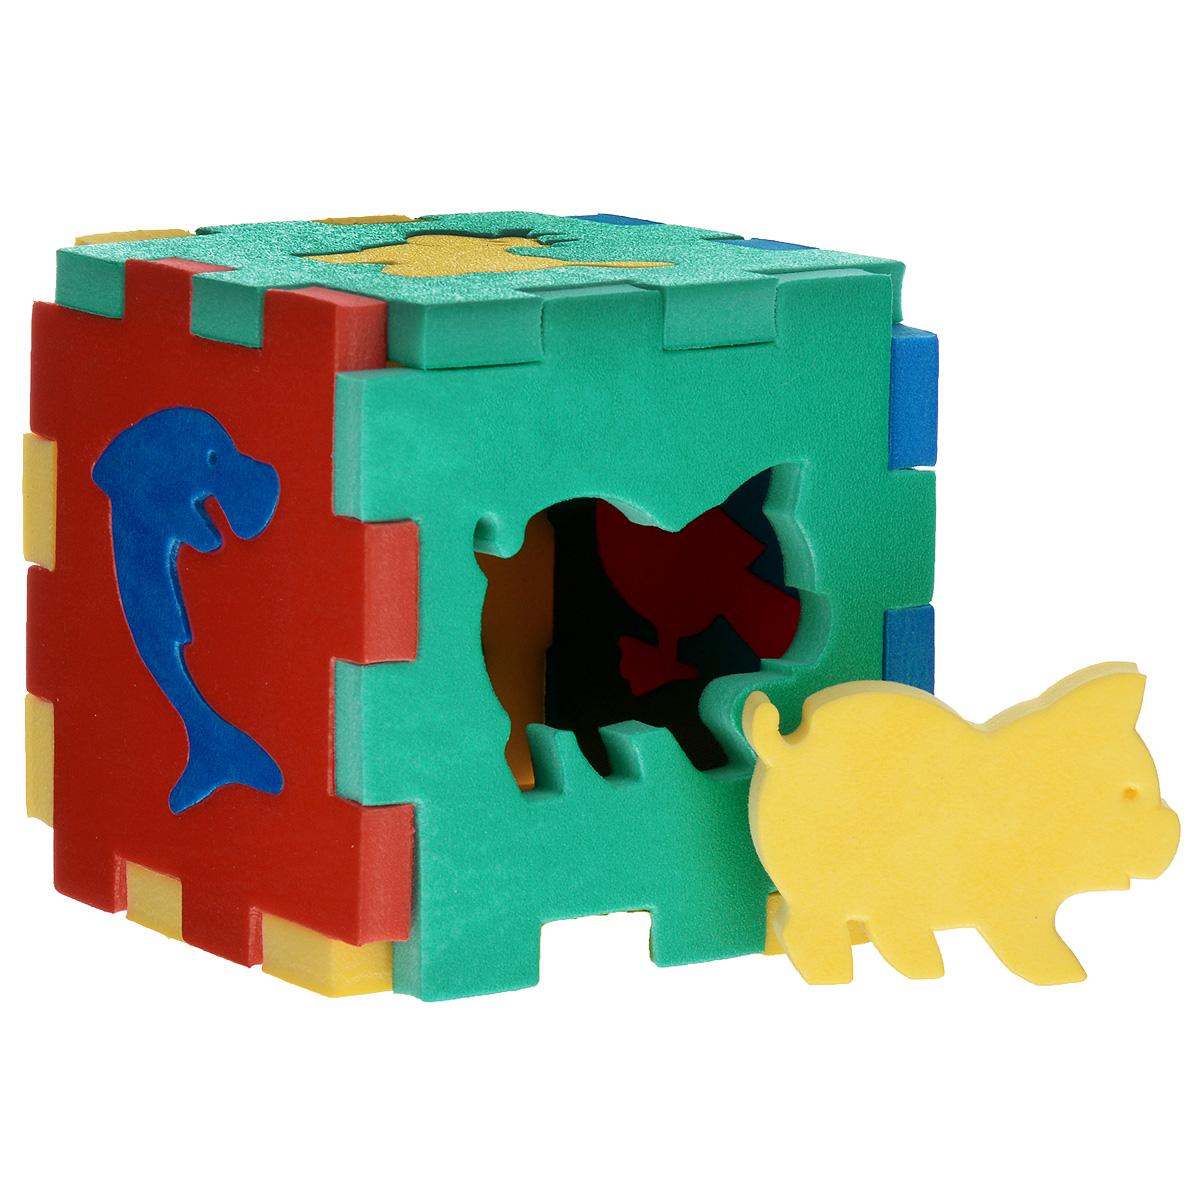 Флексика Мягкий конструктор Кубик с животными45403Мозаики и конструкторы настолько универсальны и практичны, что с ними можно играть практически везде. Для производства игрушек используется современный, легкий, эластичный, прочный материал, который обеспечивает большую долговечность игрушек, и главное –является абсолютно безопасным для детей. К тому же, благодаря особой структуре материала и свойству прилипать к мокрой поверхности, мягкие конструкторы и мозаики являются идеальной игрушкой для ванны. Способствует развитию у ребенка мелкой моторики, образного и логического мышления, наблюдательности. Характеристики: Размер кубика: 10,5 см x 10,5 см x 10,5 см. Производственная фирма Тедико зарекомендовала себя на рынке отечественных товаров как производитель высококачественных конструкторов и мозаик серии Флексика. Богатый ассортимент включает в себя игрушки для малышей и детей старшего возраста. УВАЖАЕМЫЕ КЛИЕНТЫ! Обращаем ваше внимание на возможные...